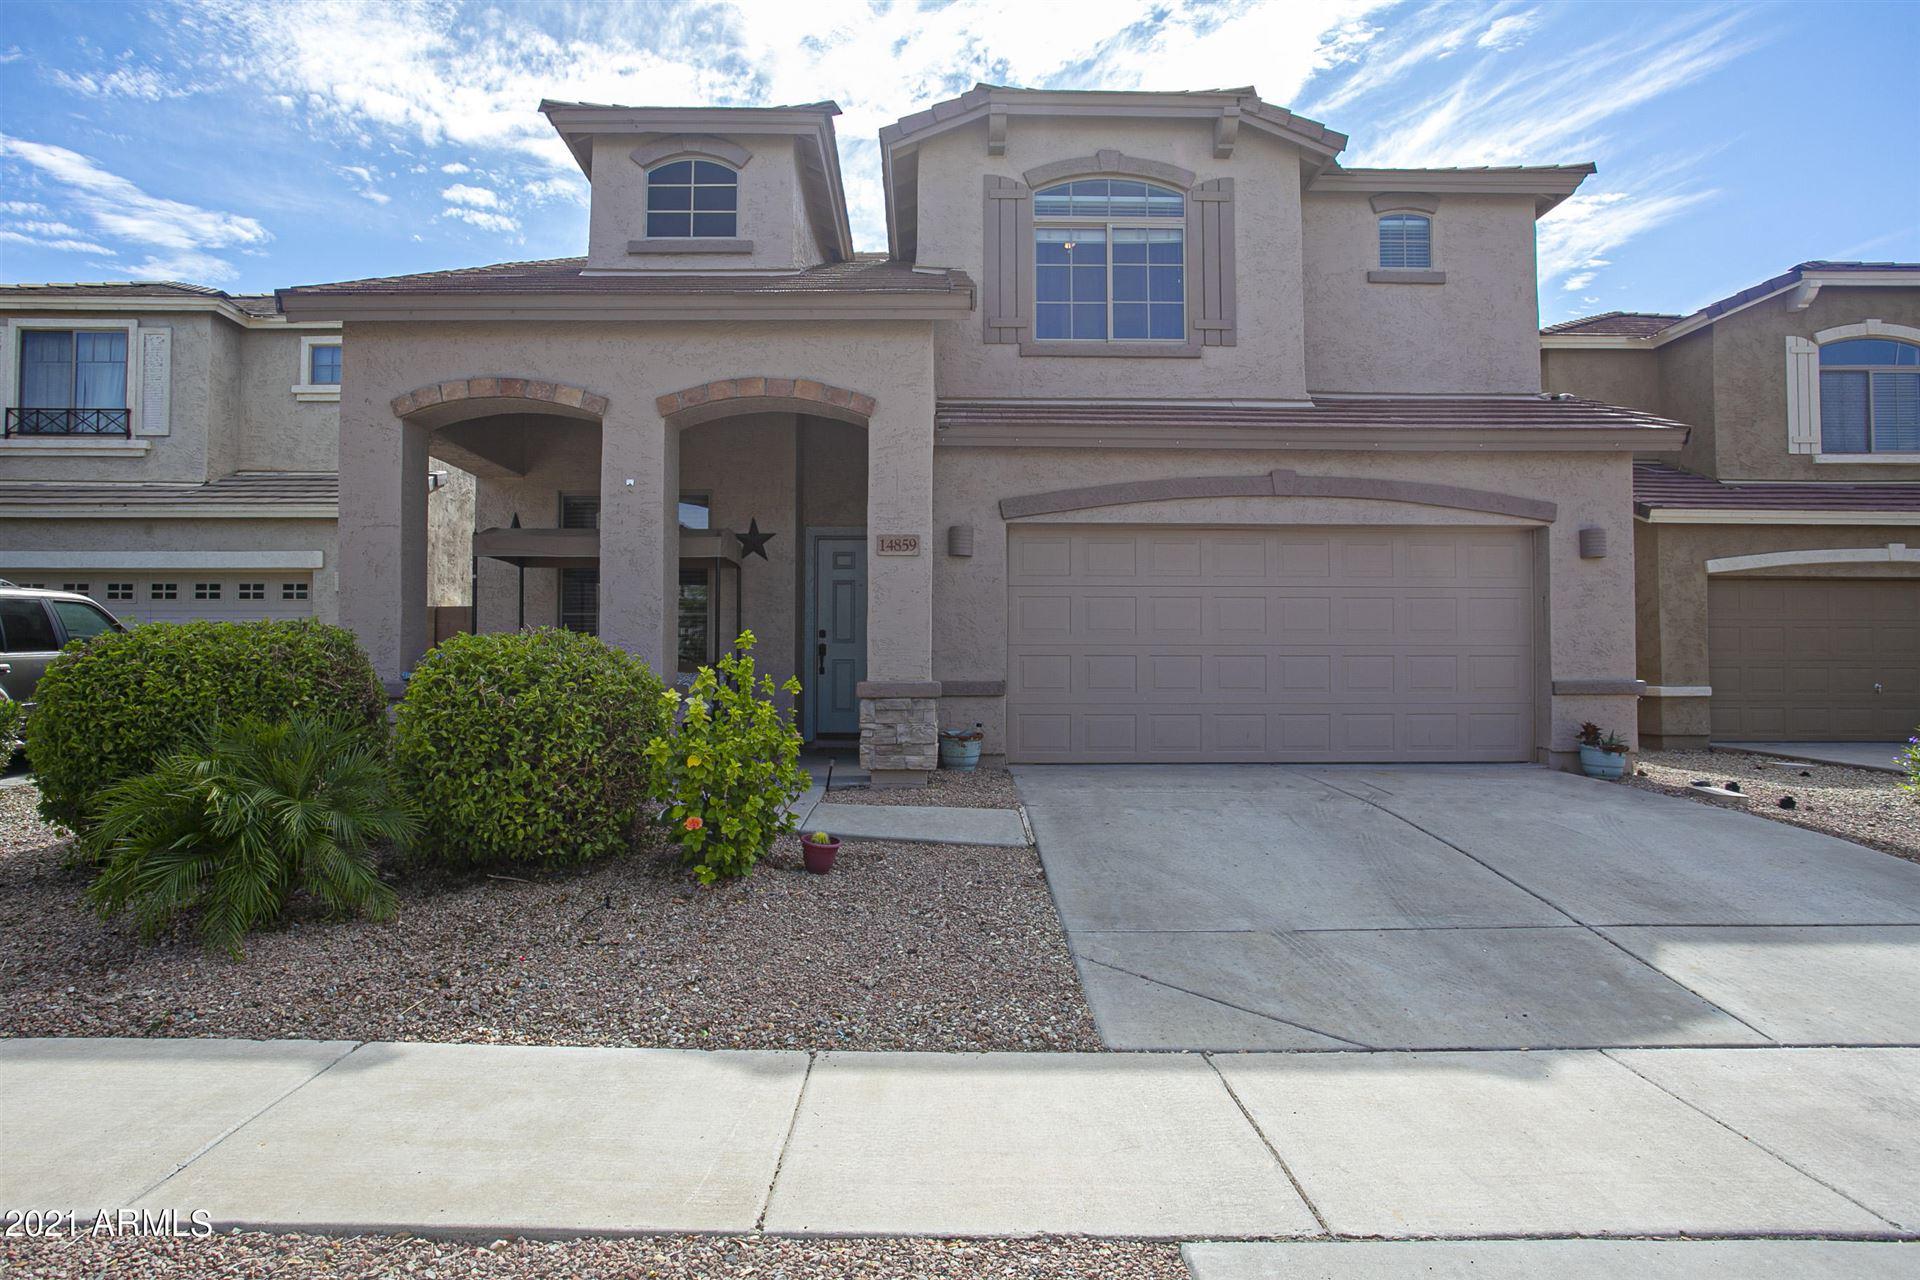 Photo of 14859 N 174TH Lane, Surprise, AZ 85388 (MLS # 6272429)